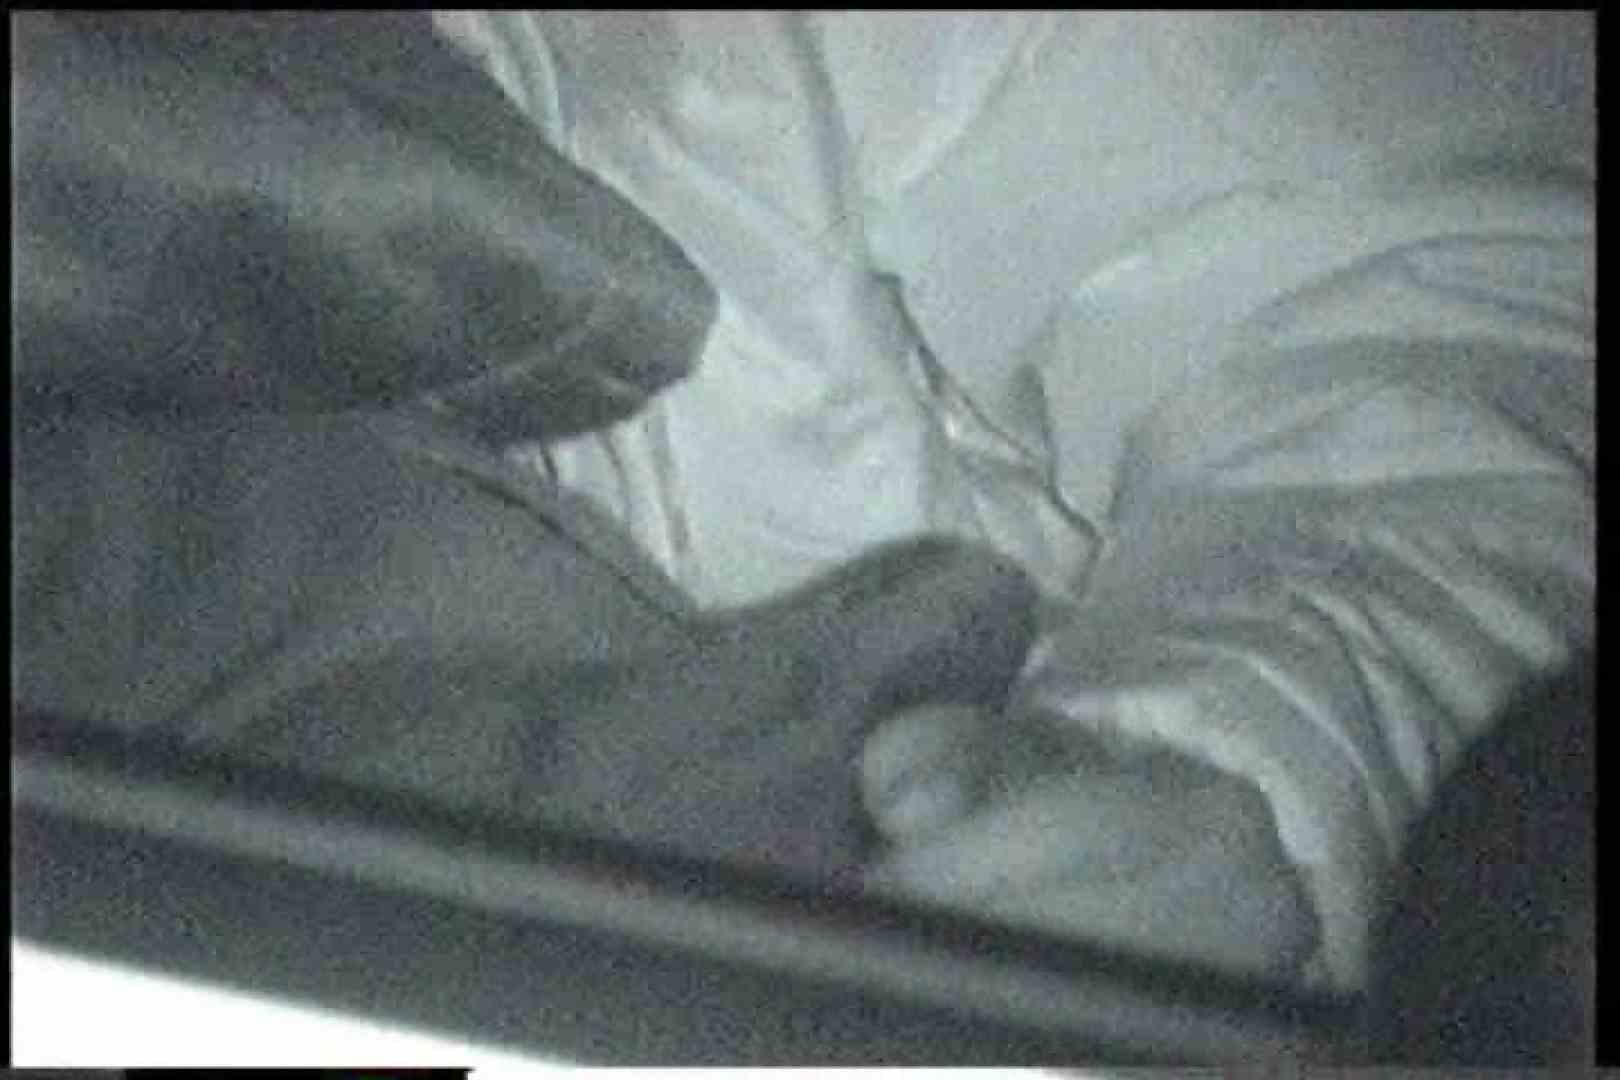 充血監督の深夜の運動会Vol.165 OLエロ画像 | 0  105PICs 25